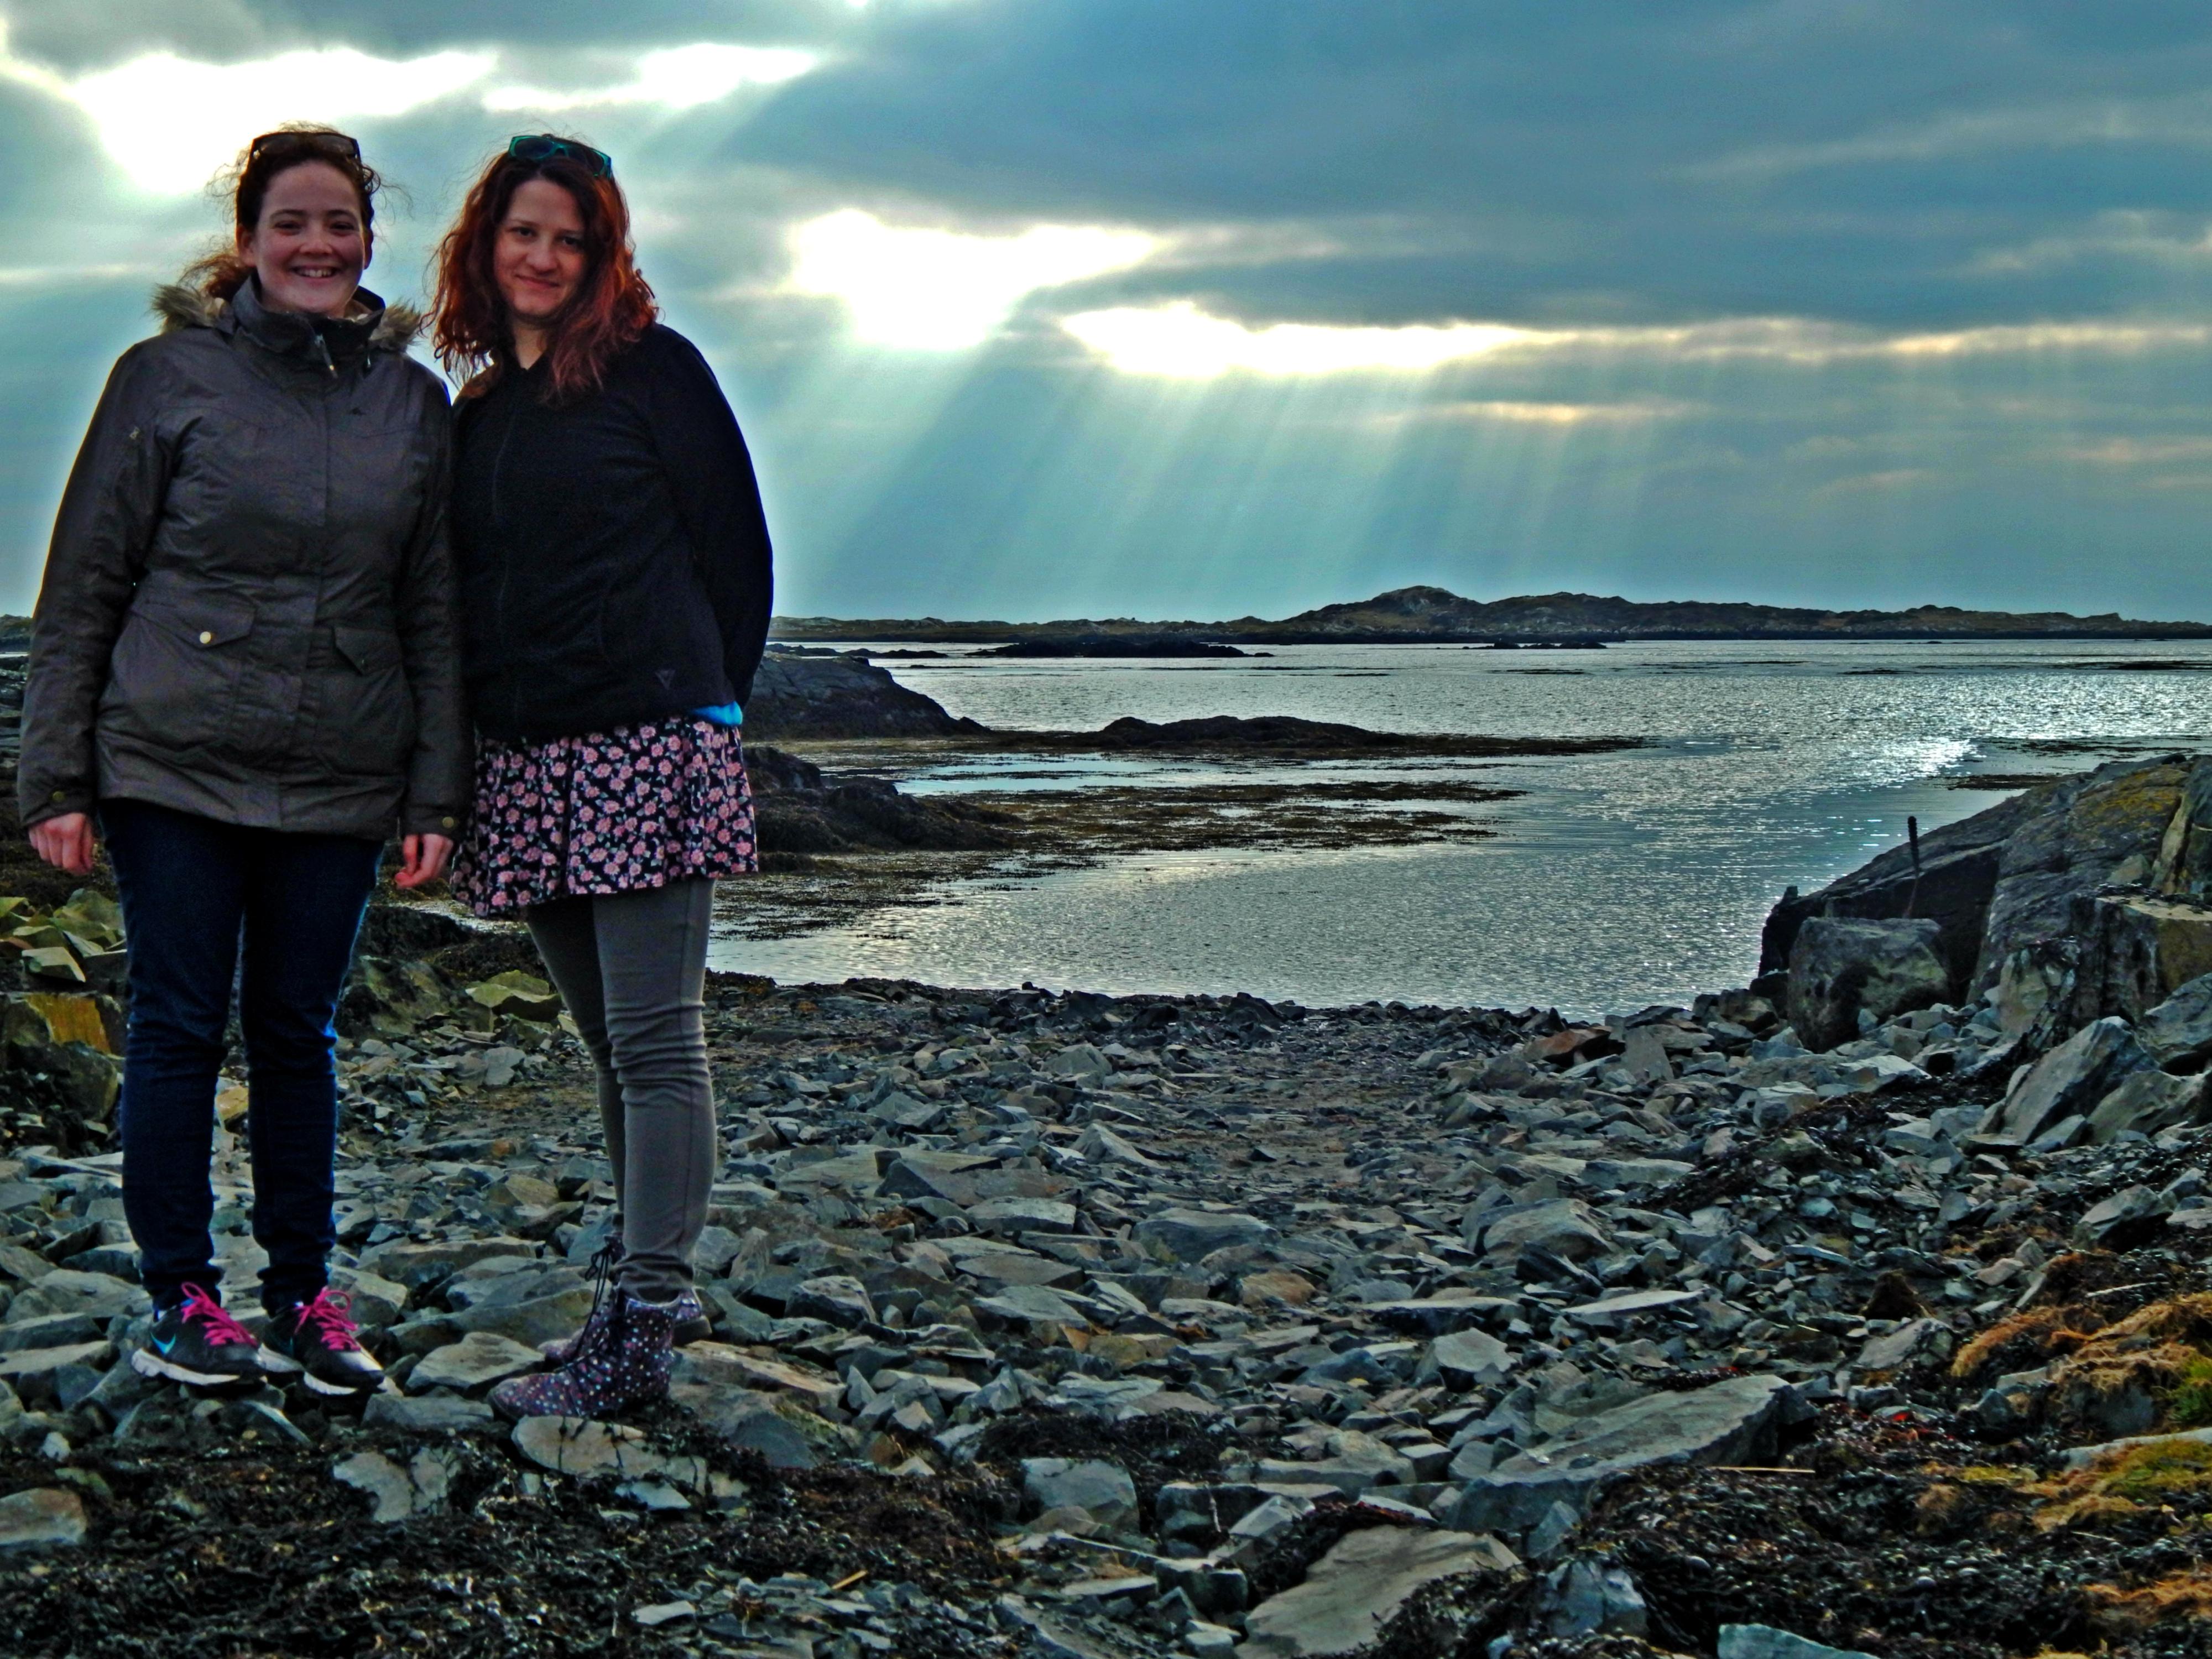 evs volunteers on the coast